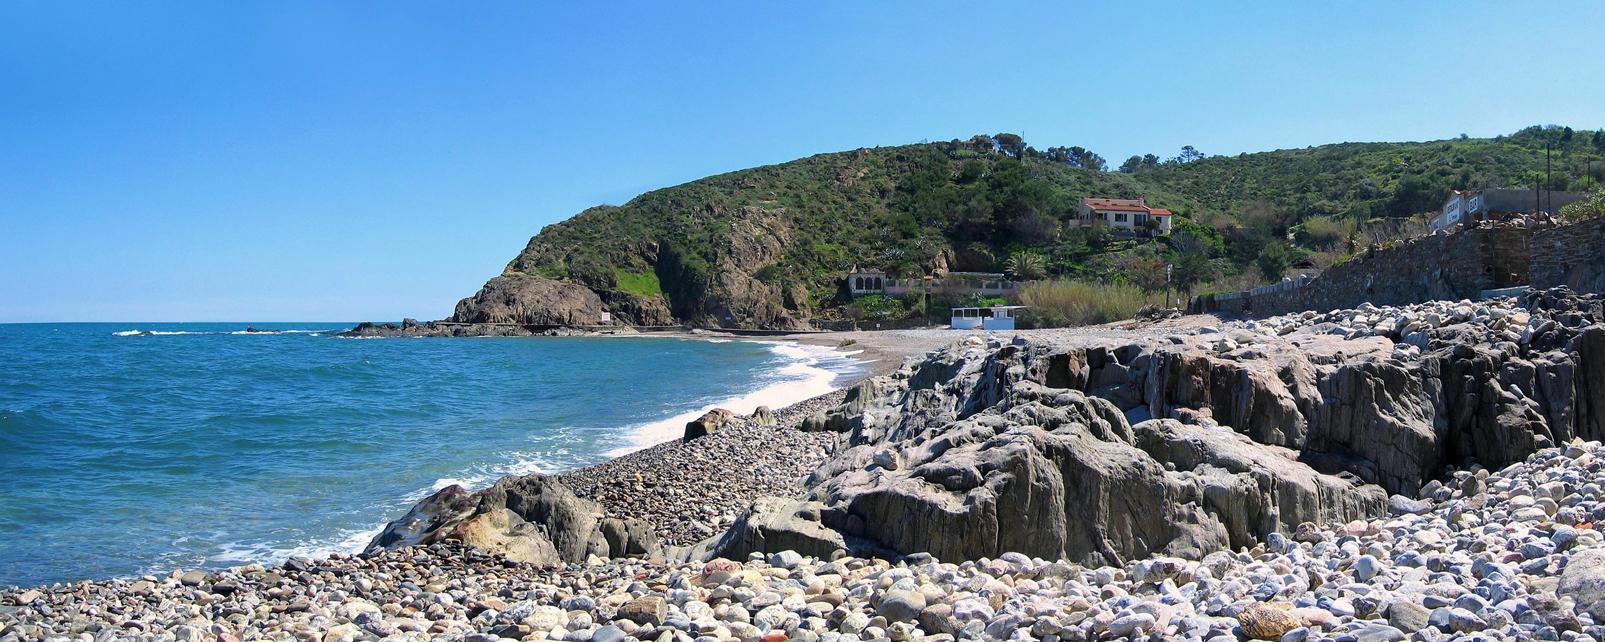 Previsioni meteo argeles sur mer in gennaio quando partire - Meteo noyelles sur mer ...